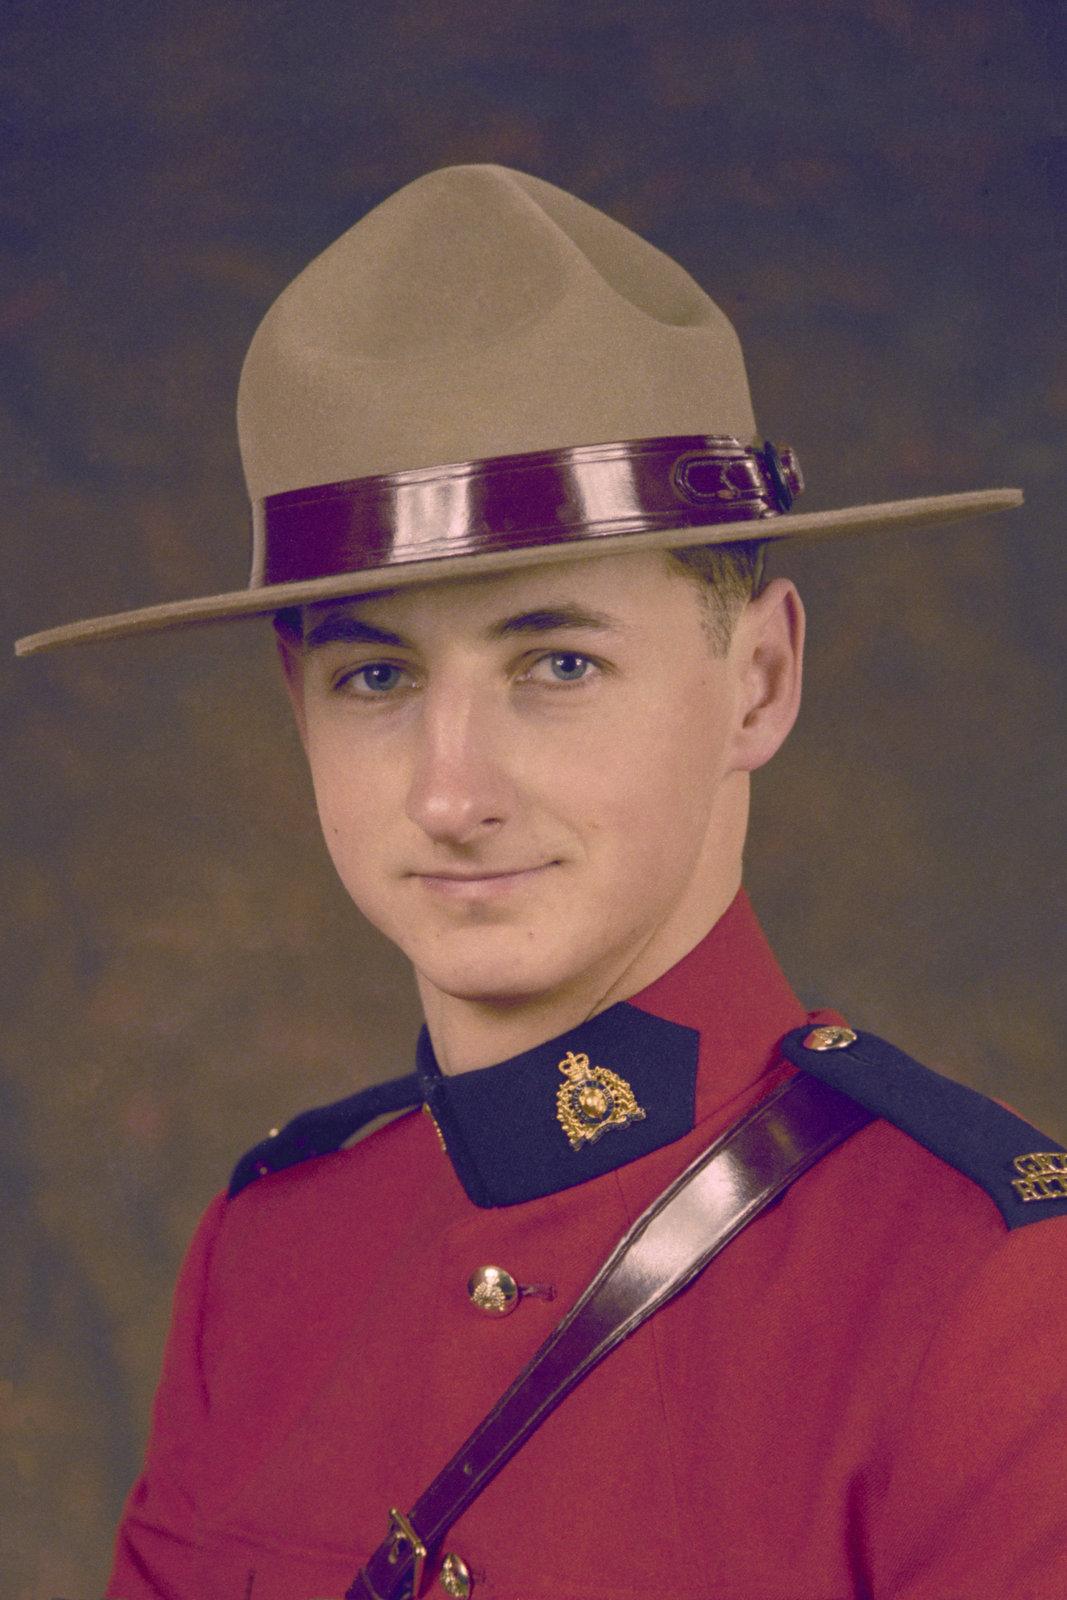 Gendarme Thomas James Agar – © Sa Majesté la Reine du chef du Canada représentée par la Gendarmerie royale du Canada